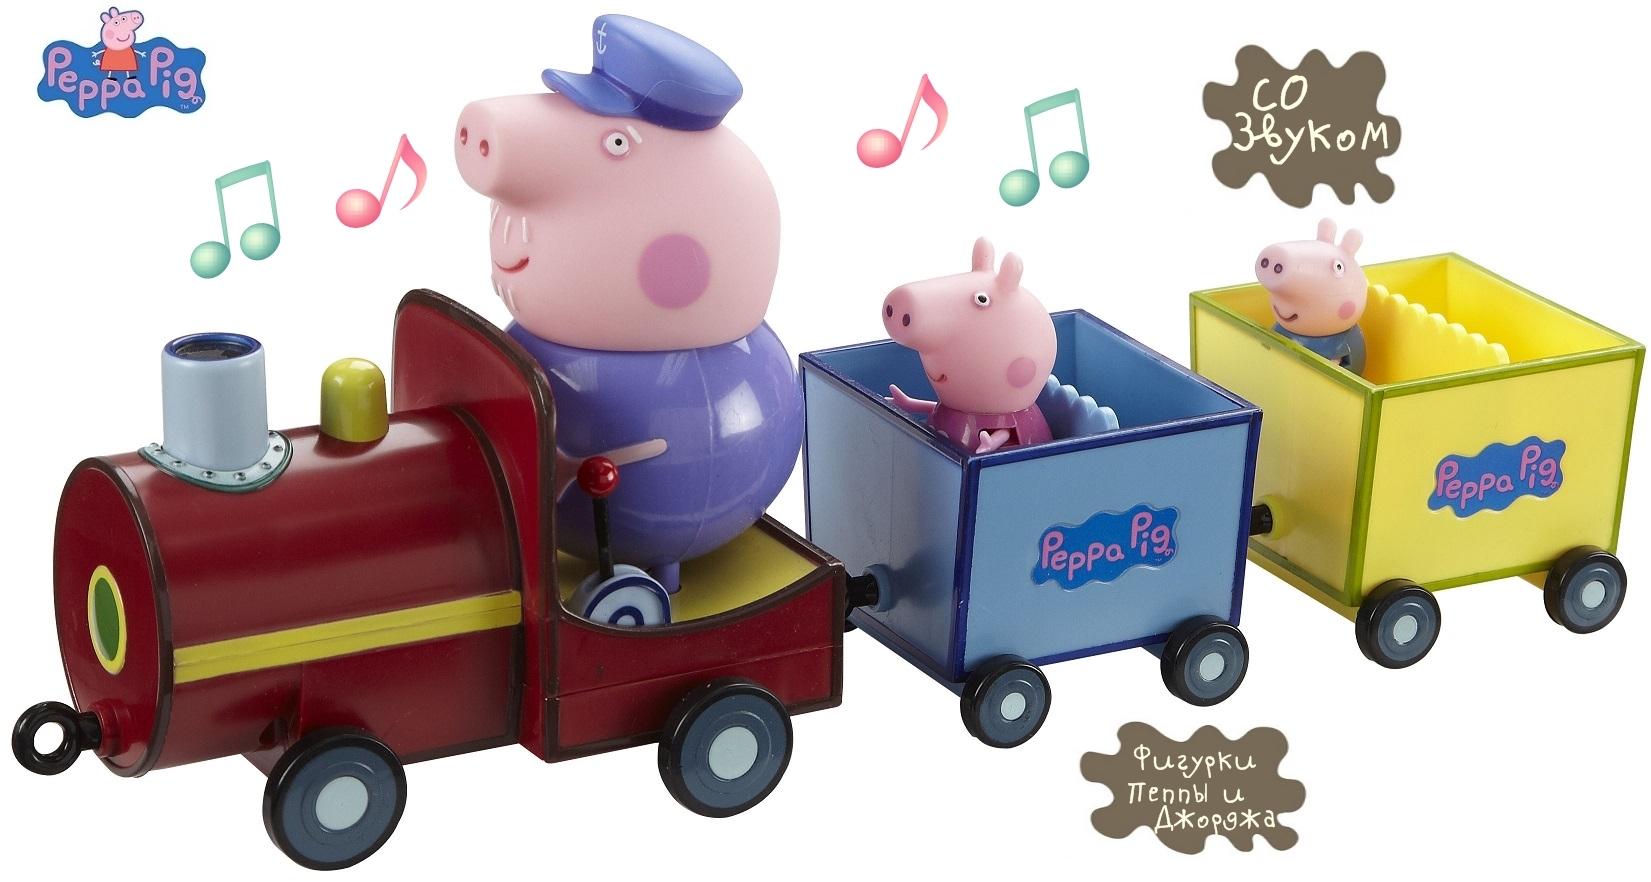 Peppa Pig. Паровозик дедушки Пеппы со звукомСвинка Пеппа Peppa Pig<br>Peppa Pig. Паровозик дедушки Пеппы со звуком<br>